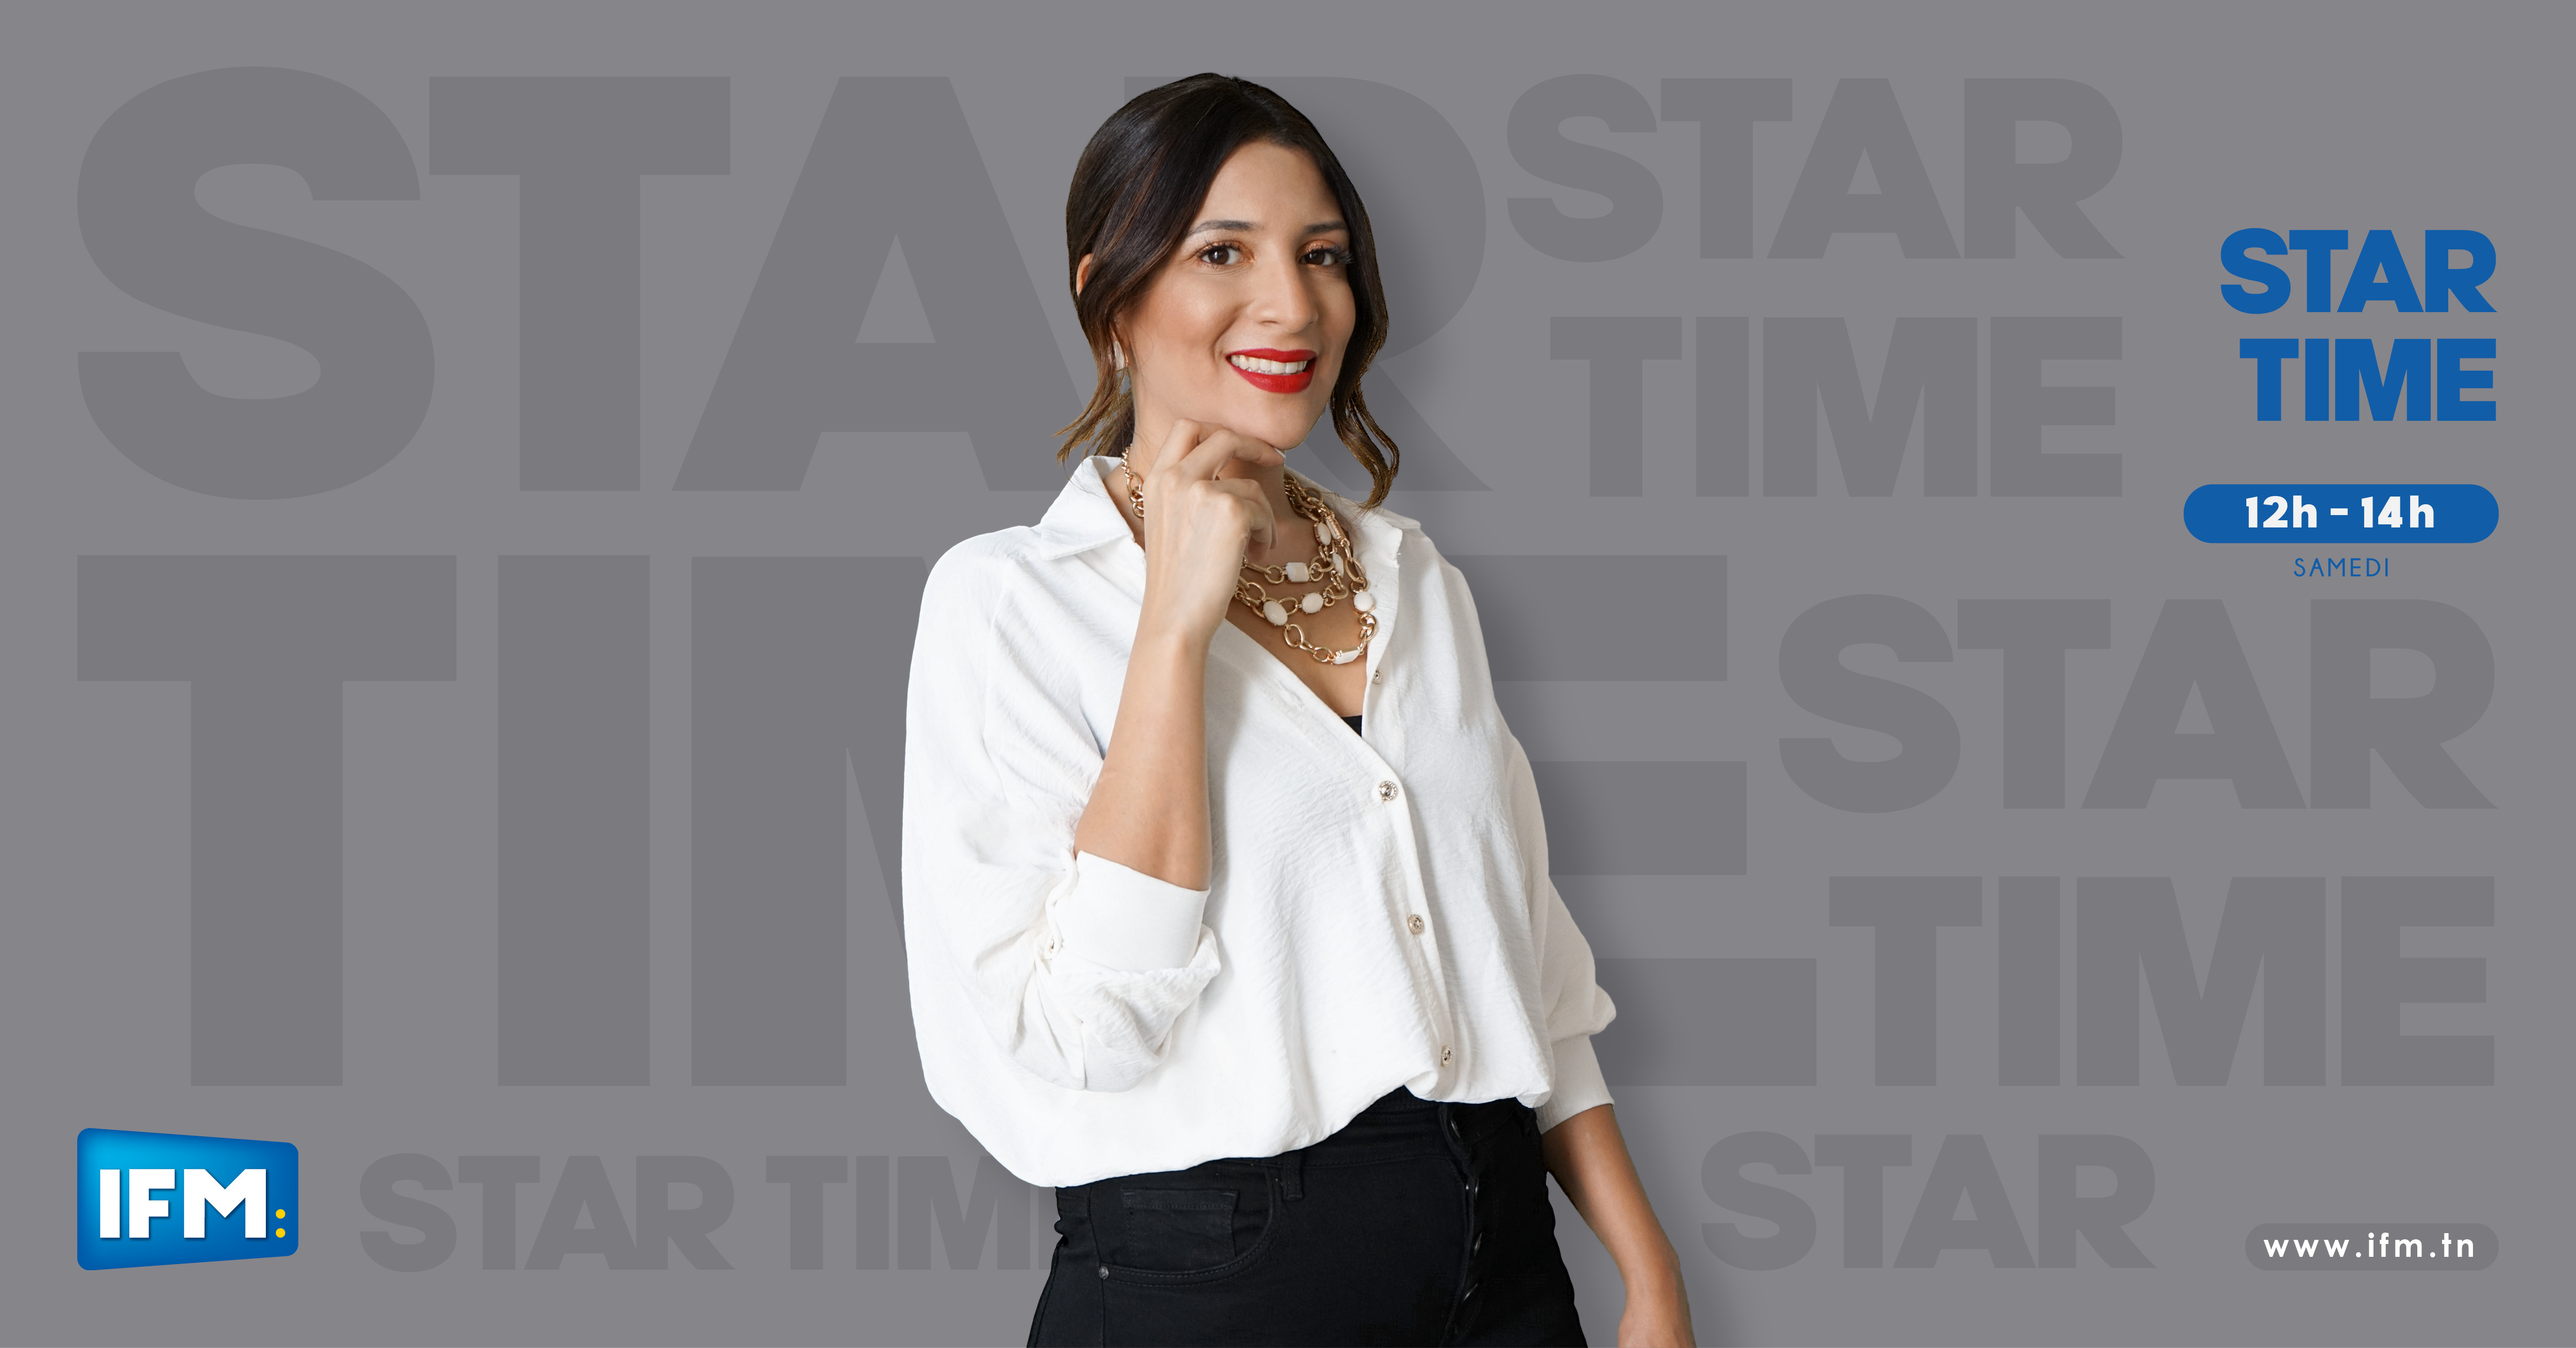 Star Time du 27 03 2021